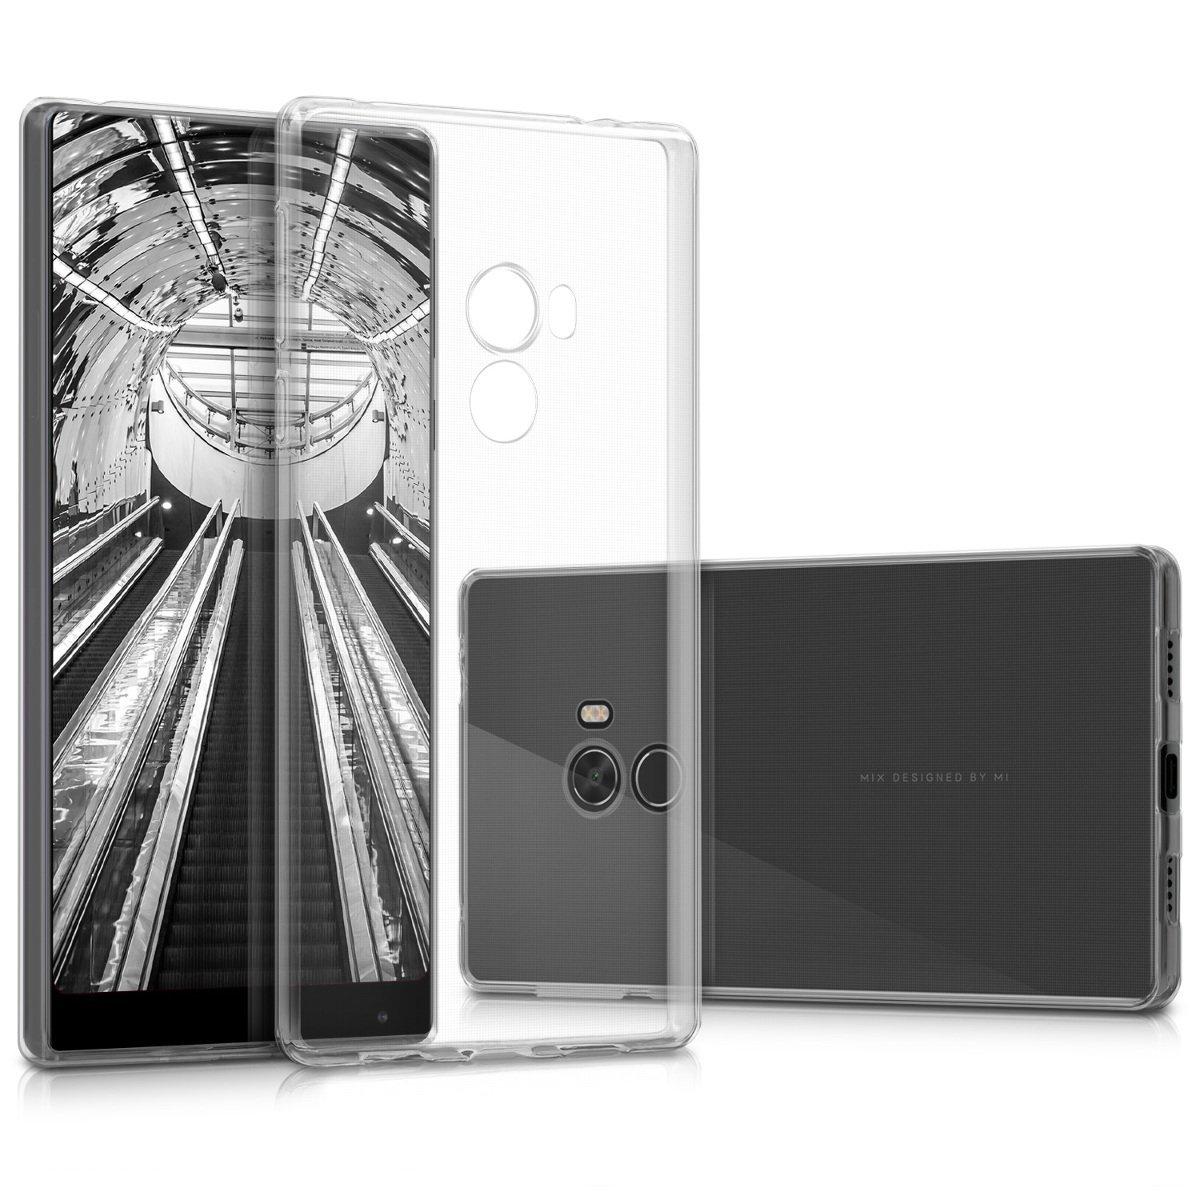 KW Διάφανη Θήκη Σιλικόνης Xiaomi Mi Mix (41520.03)